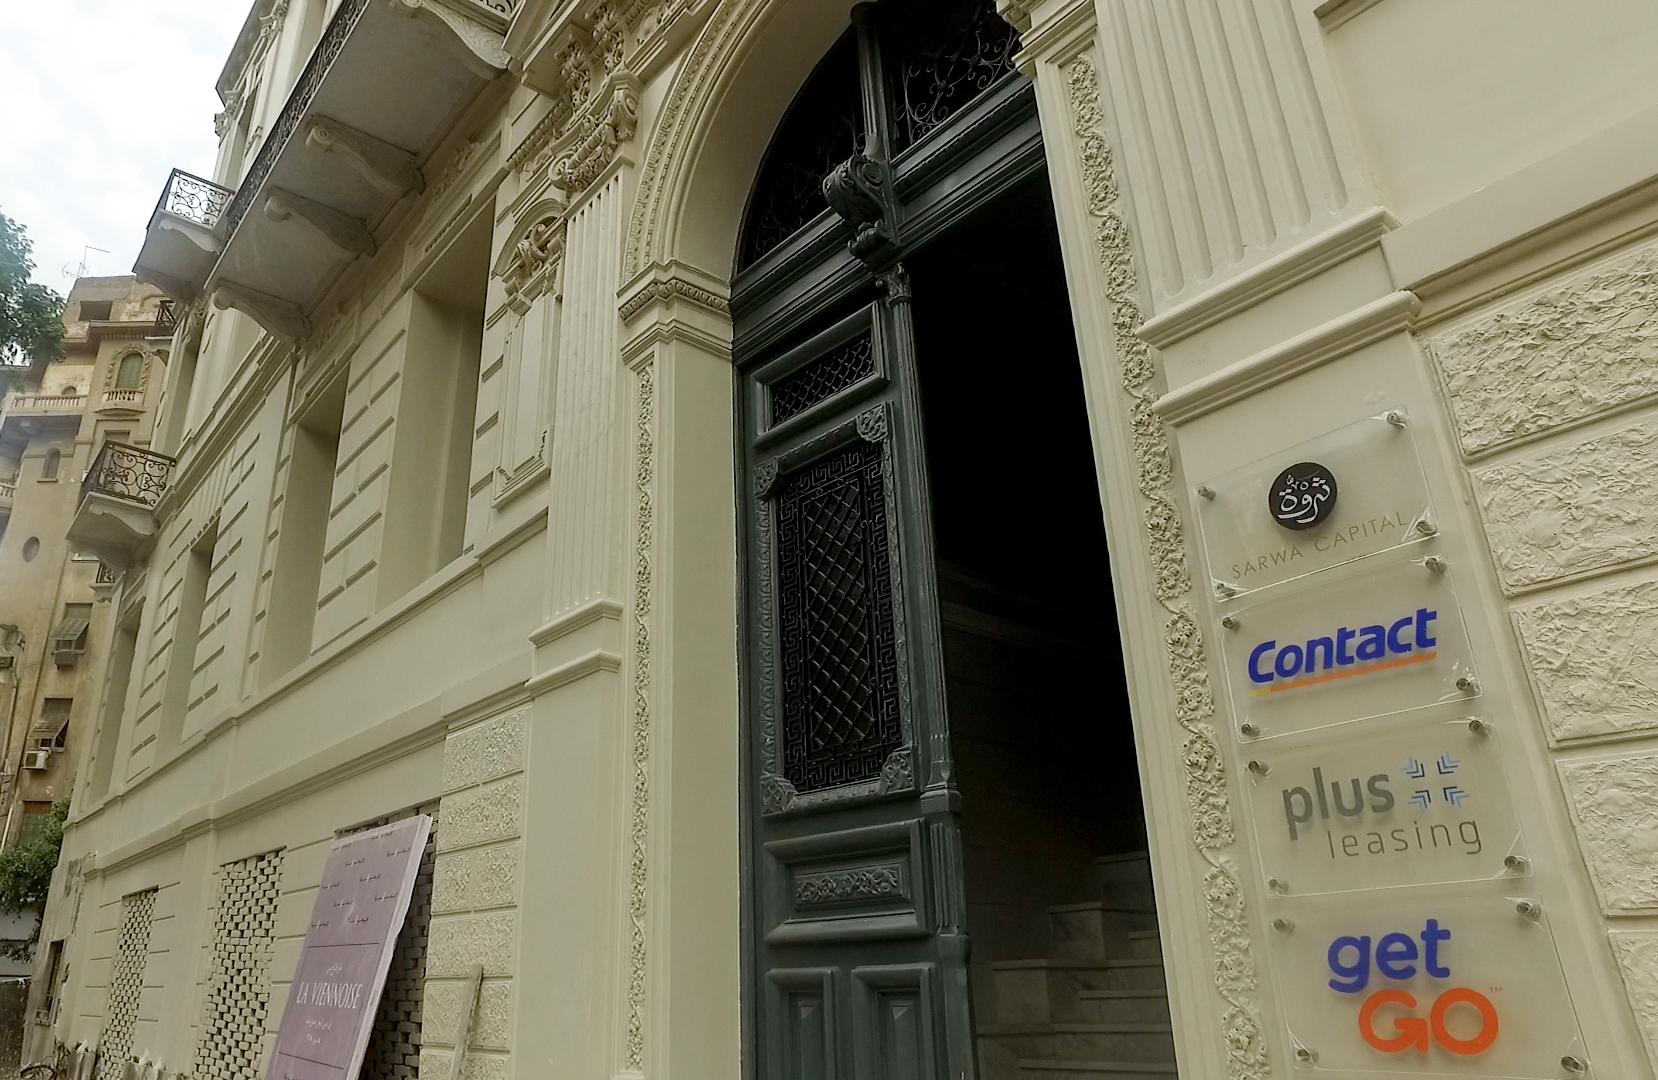 مدخل فندق فينواز من الخارج بعد ترميمه - تصوير: عبد الرحمن محمد